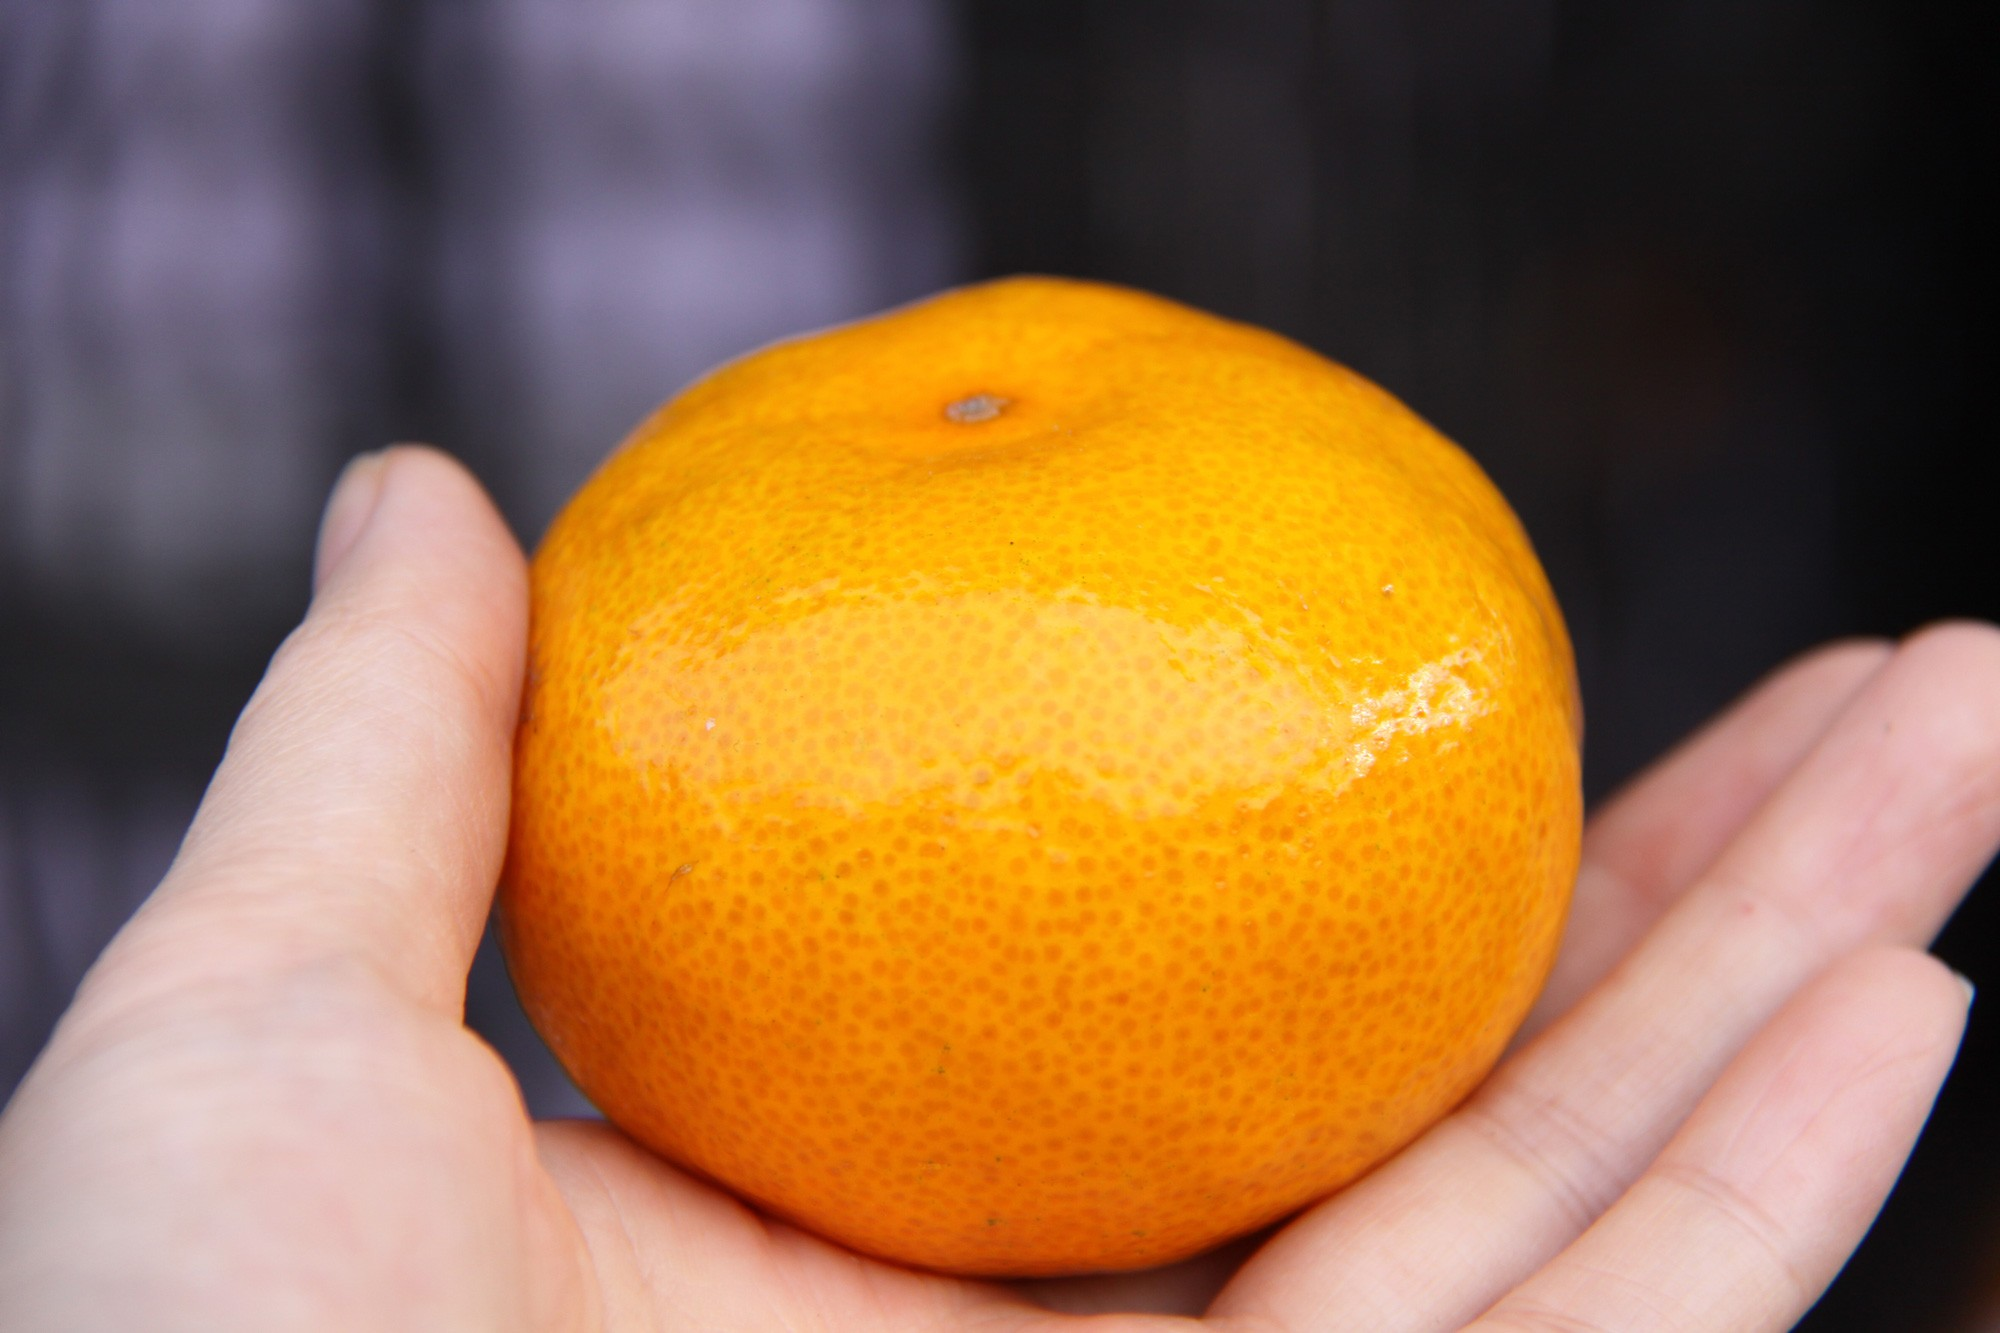 价格跌至最底,消费者依旧不买账,砂糖橘该何去何从?